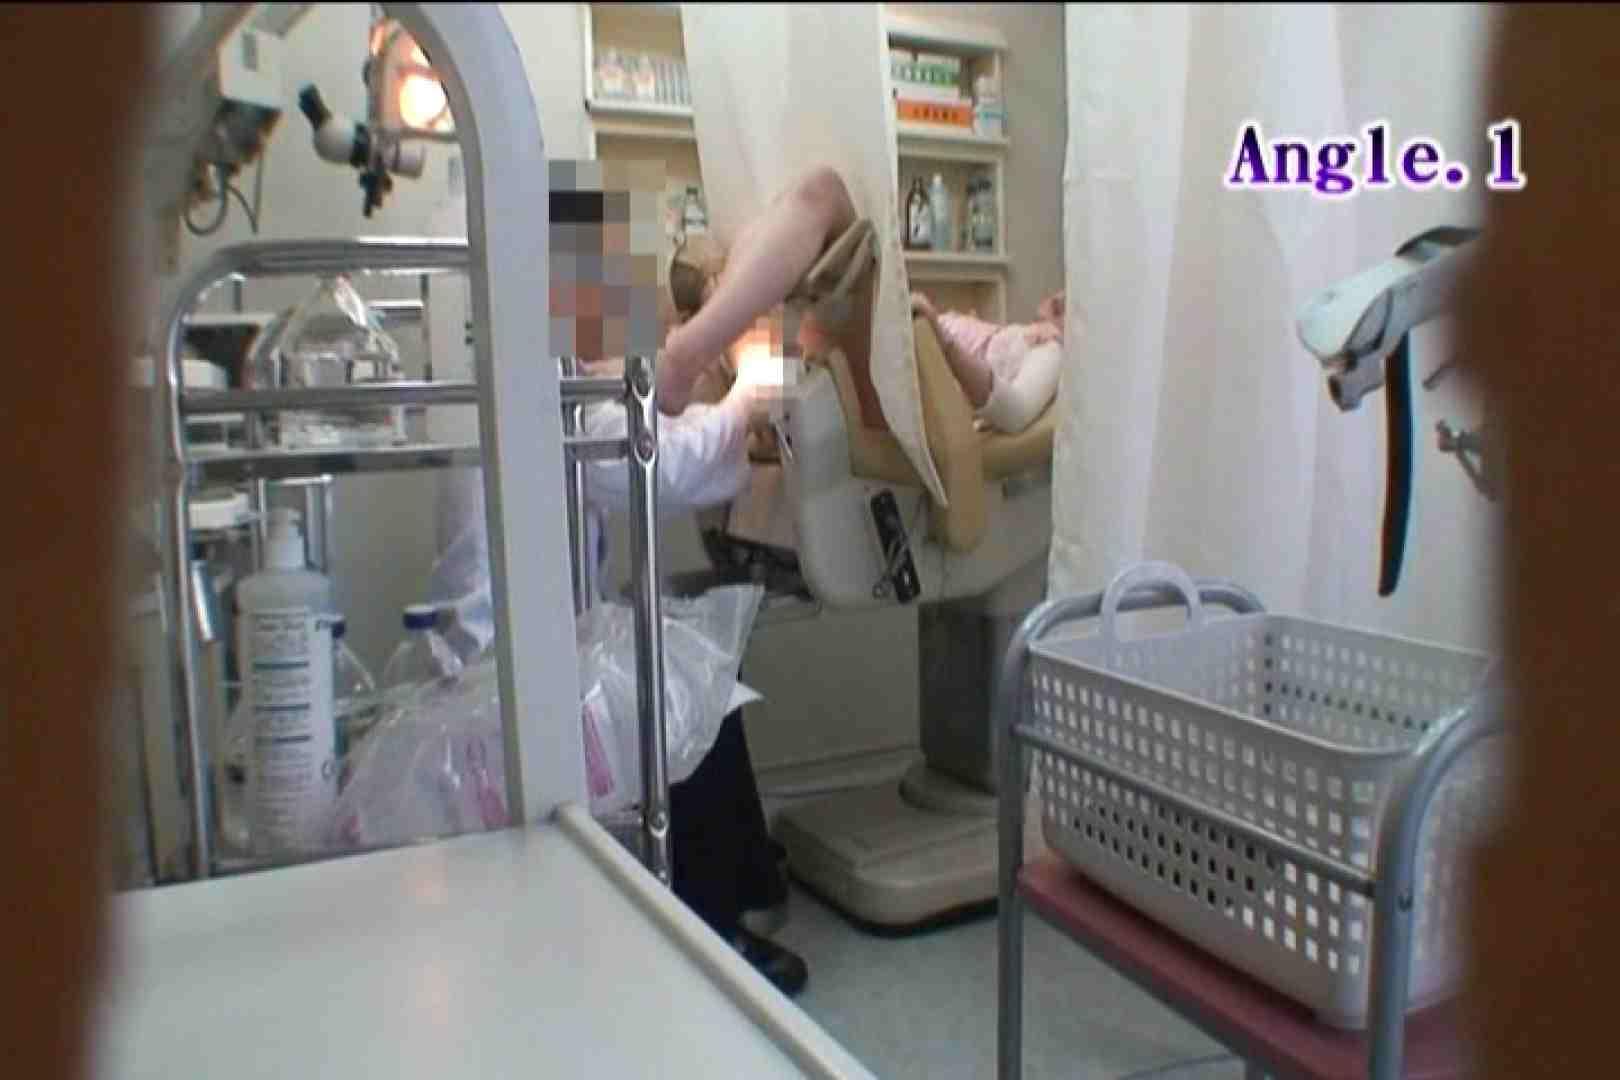 患者のおまんこをコレクションする変態医師の流出映像Vol.5 マンコ・ムレムレ  73pic 32